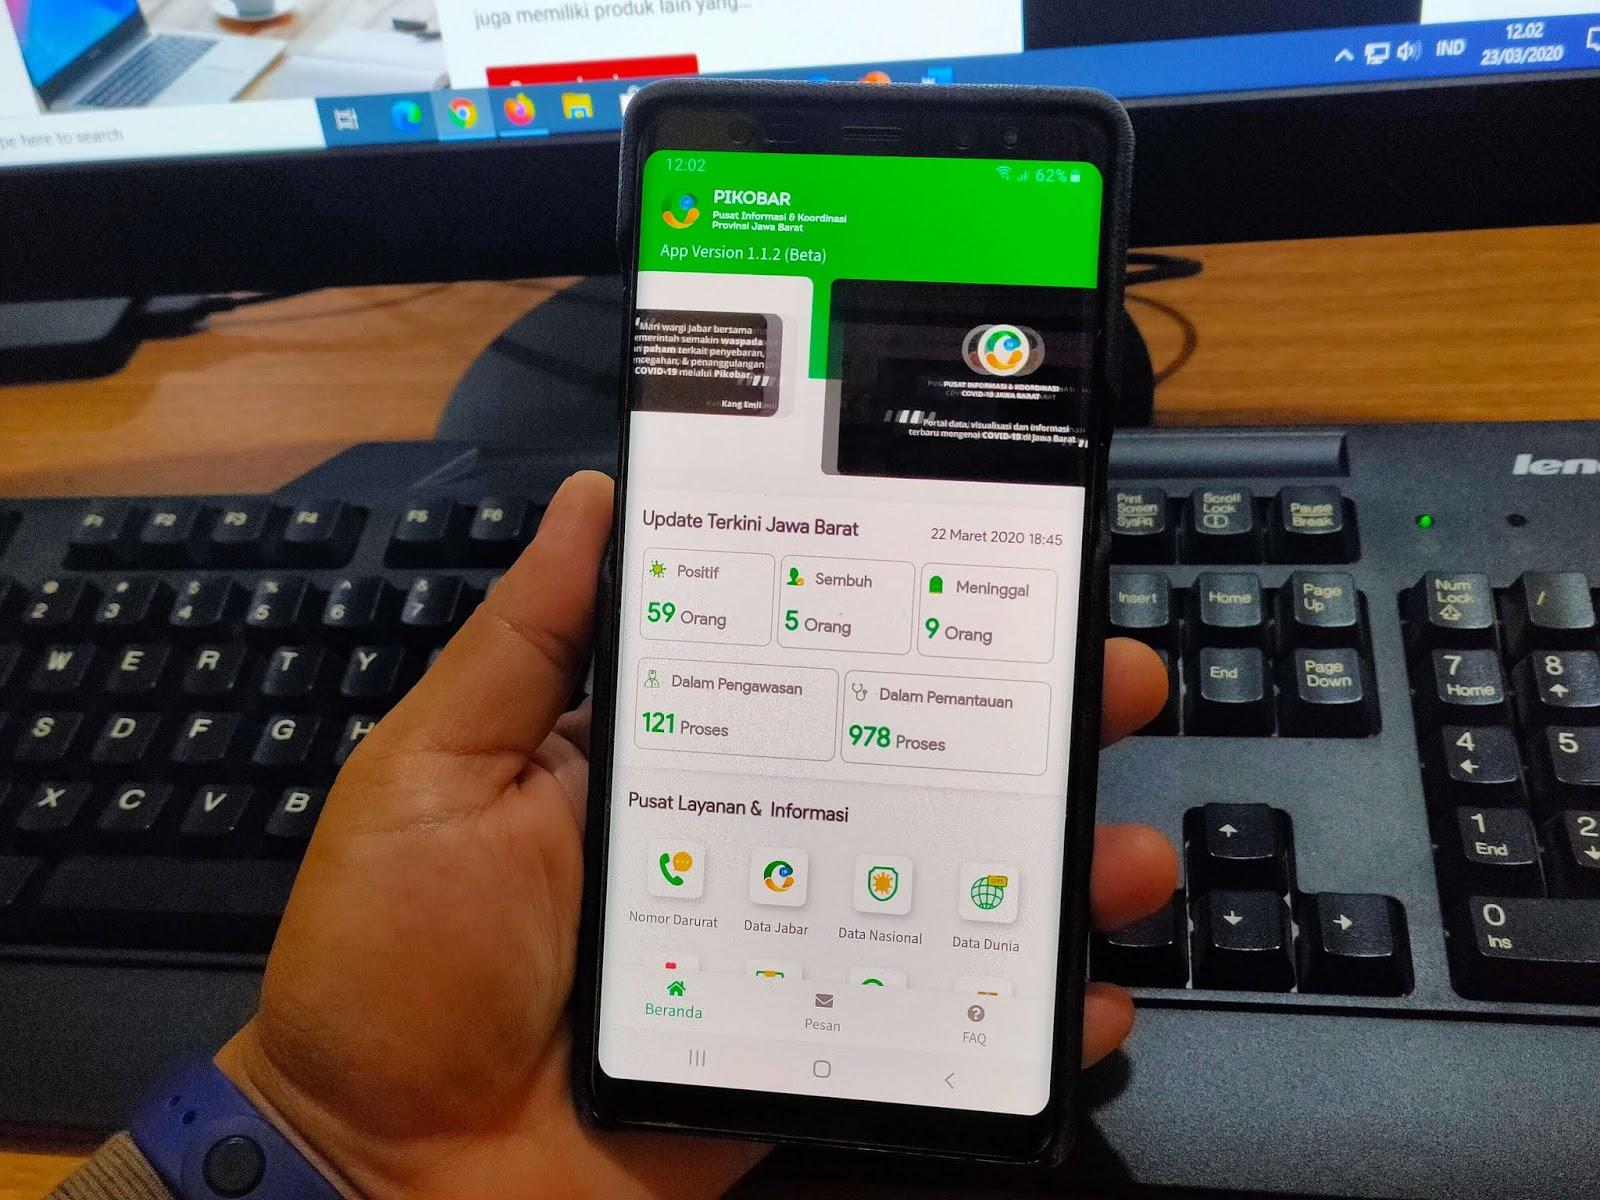 Pemerintah Provinsi Jawa Barat Luncurkan Aplikasi PILKOBAR Aplikasi Pelayanan Satu Pintu Penanganan COVID-19